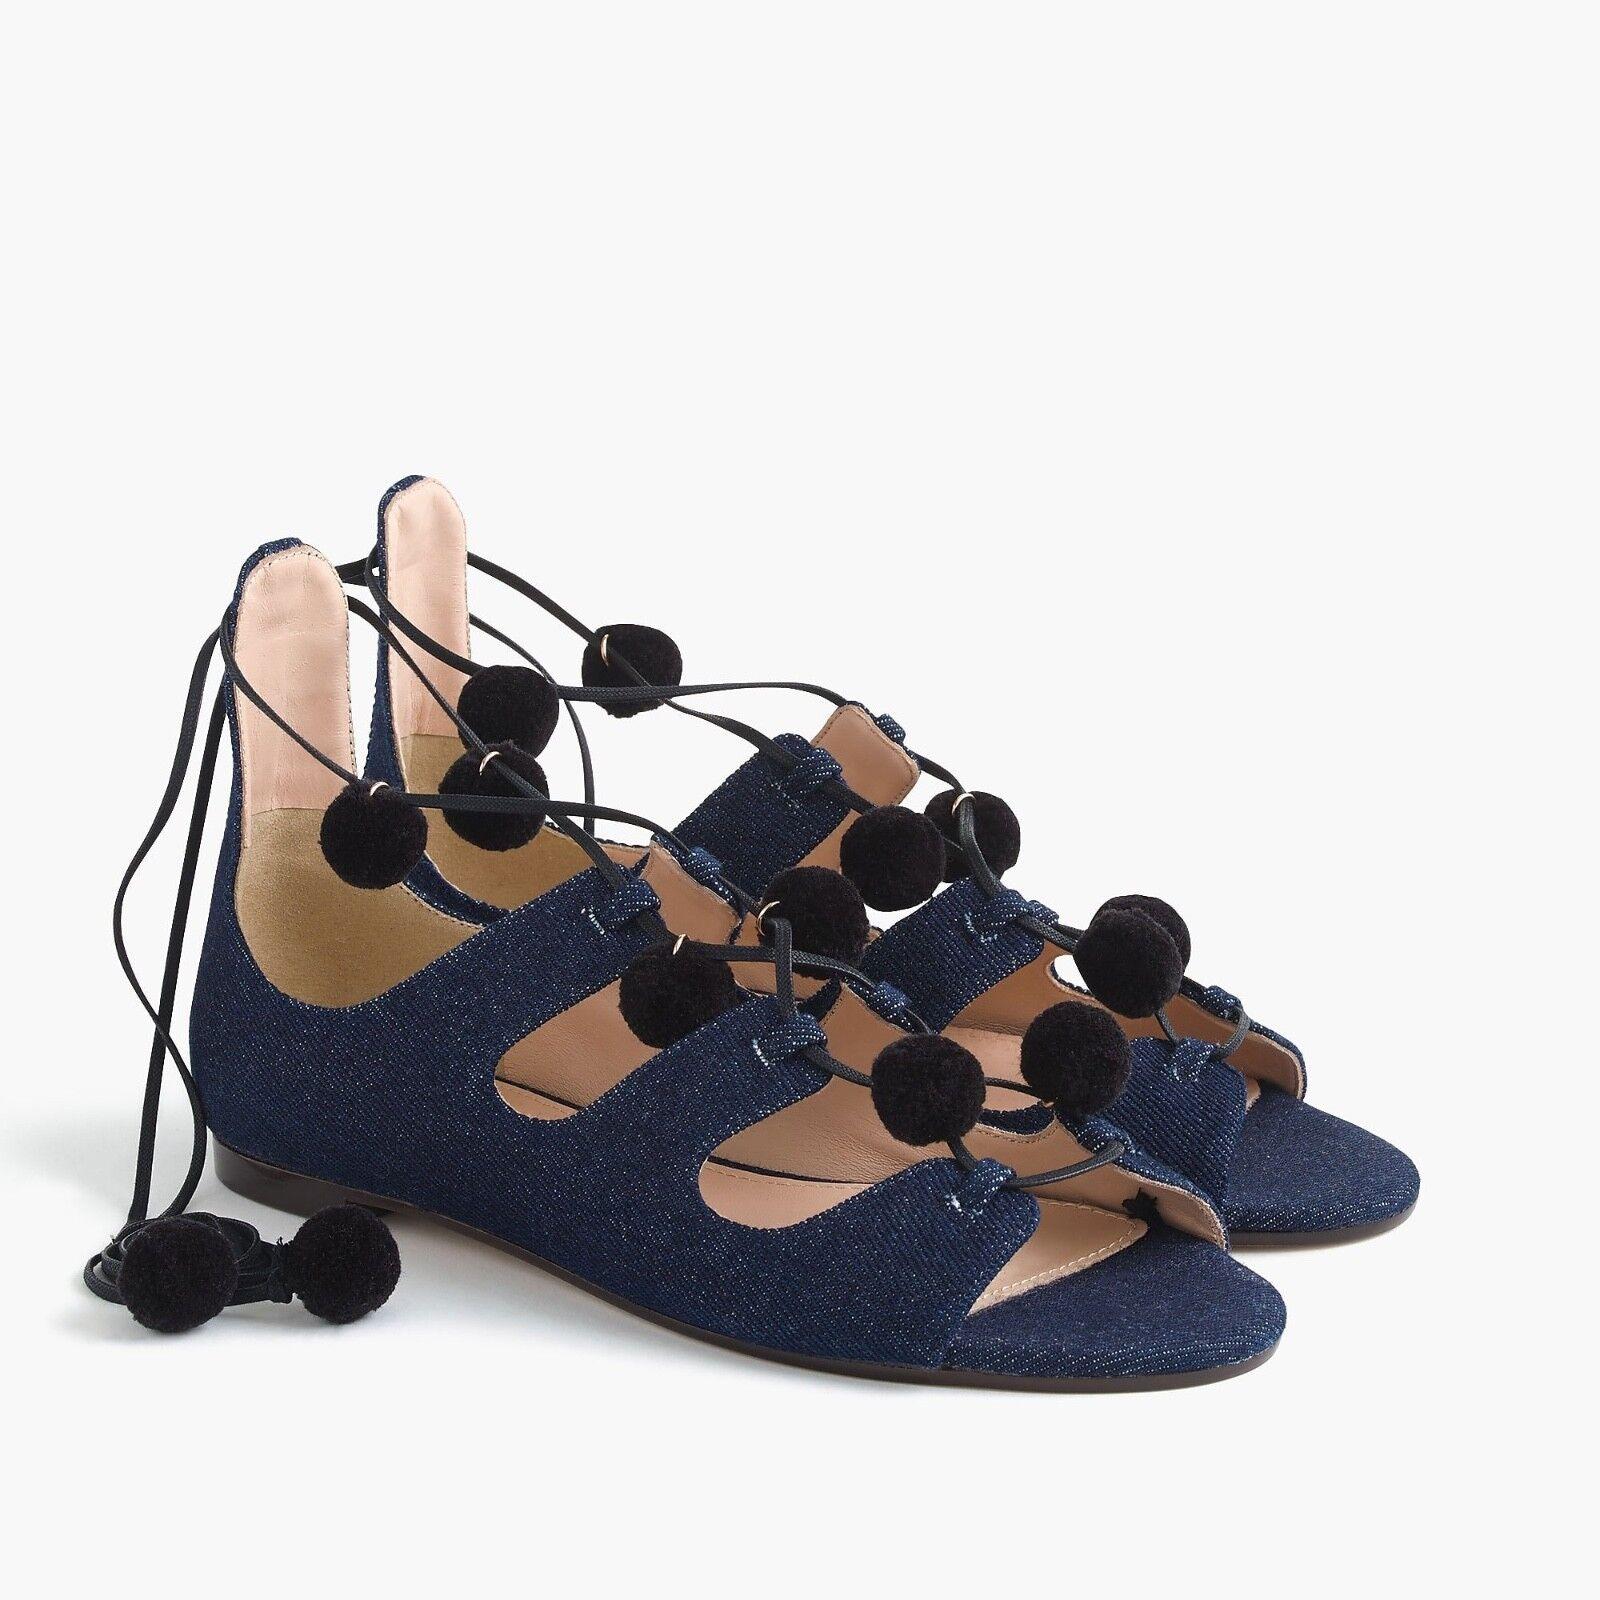 J Crew Denim Caged Gladiator Sandals with Pom-poms Size 8  198 missing 1 pom pom